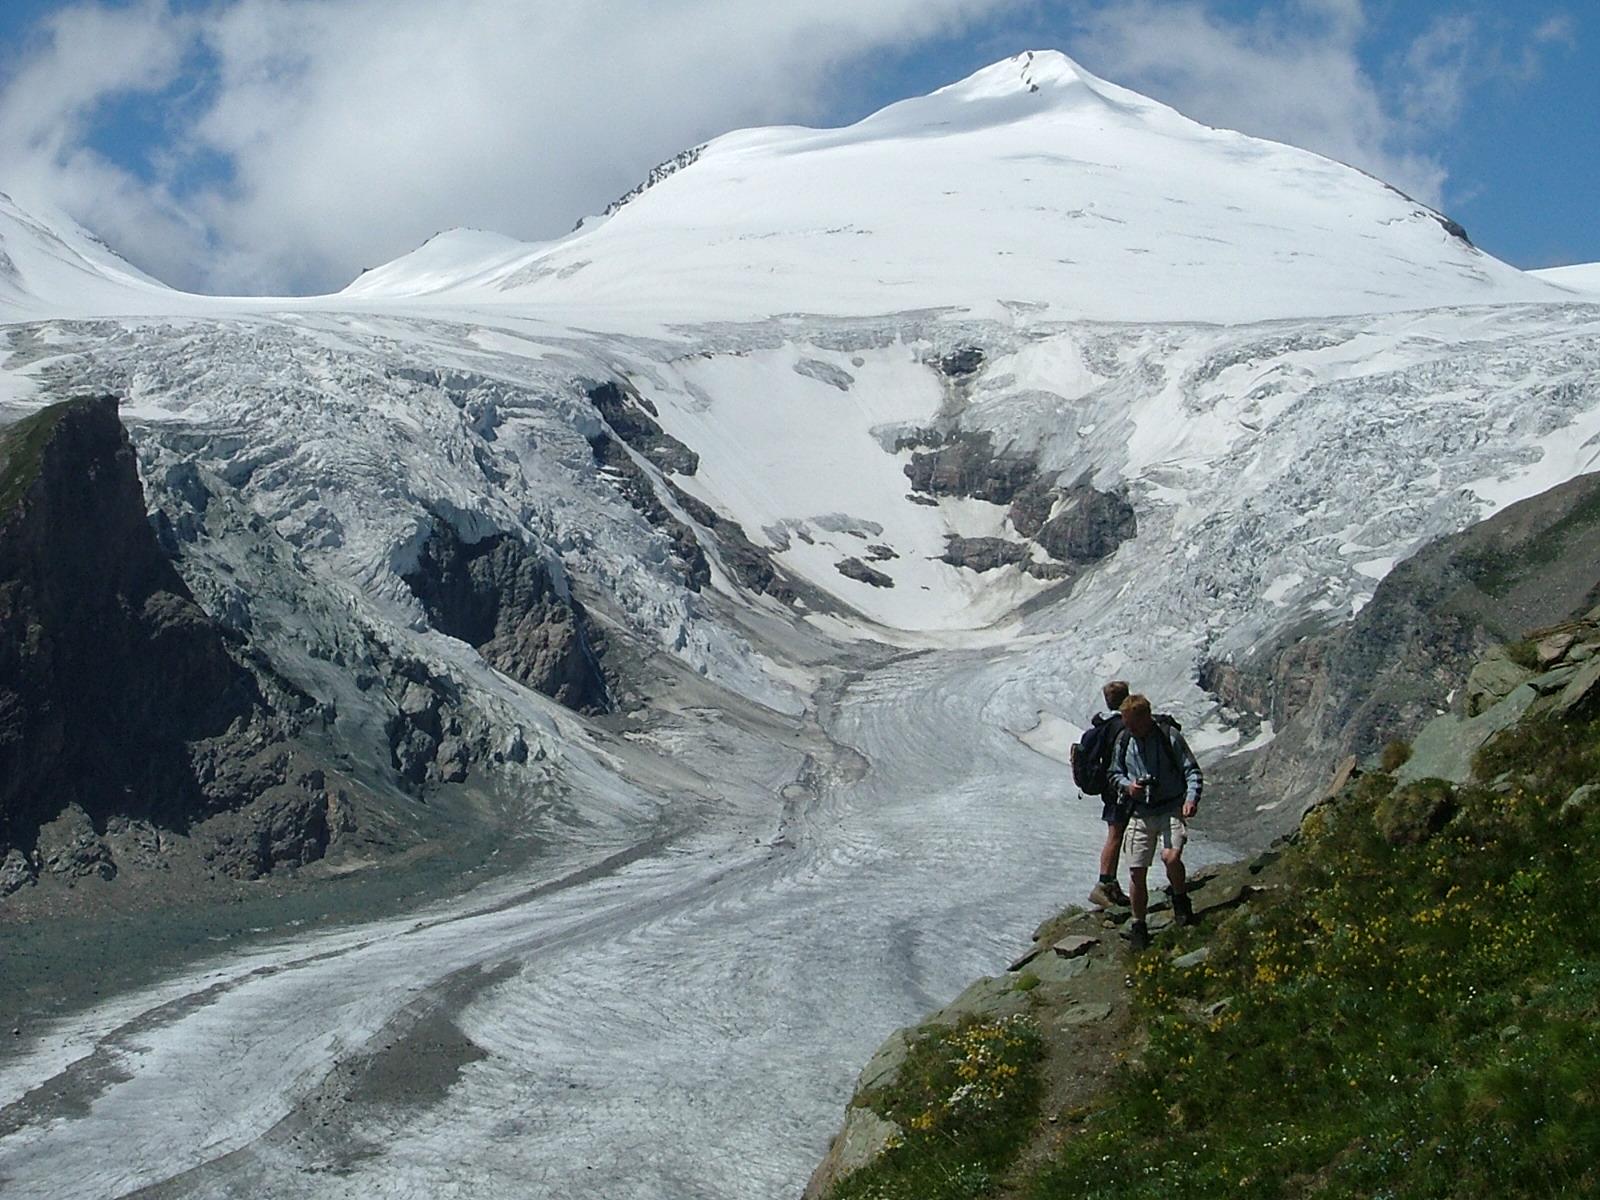 Der bliver igen i år mange udfordringer – også for de rejsende, det kan være alt fra politiske uroligheder til ekstreme naturfænomener, som for eksempel gletsjere der smelter på grund af stigende temperaturer. Arkivfoto fra Østrig: Henrik Baumgarten.